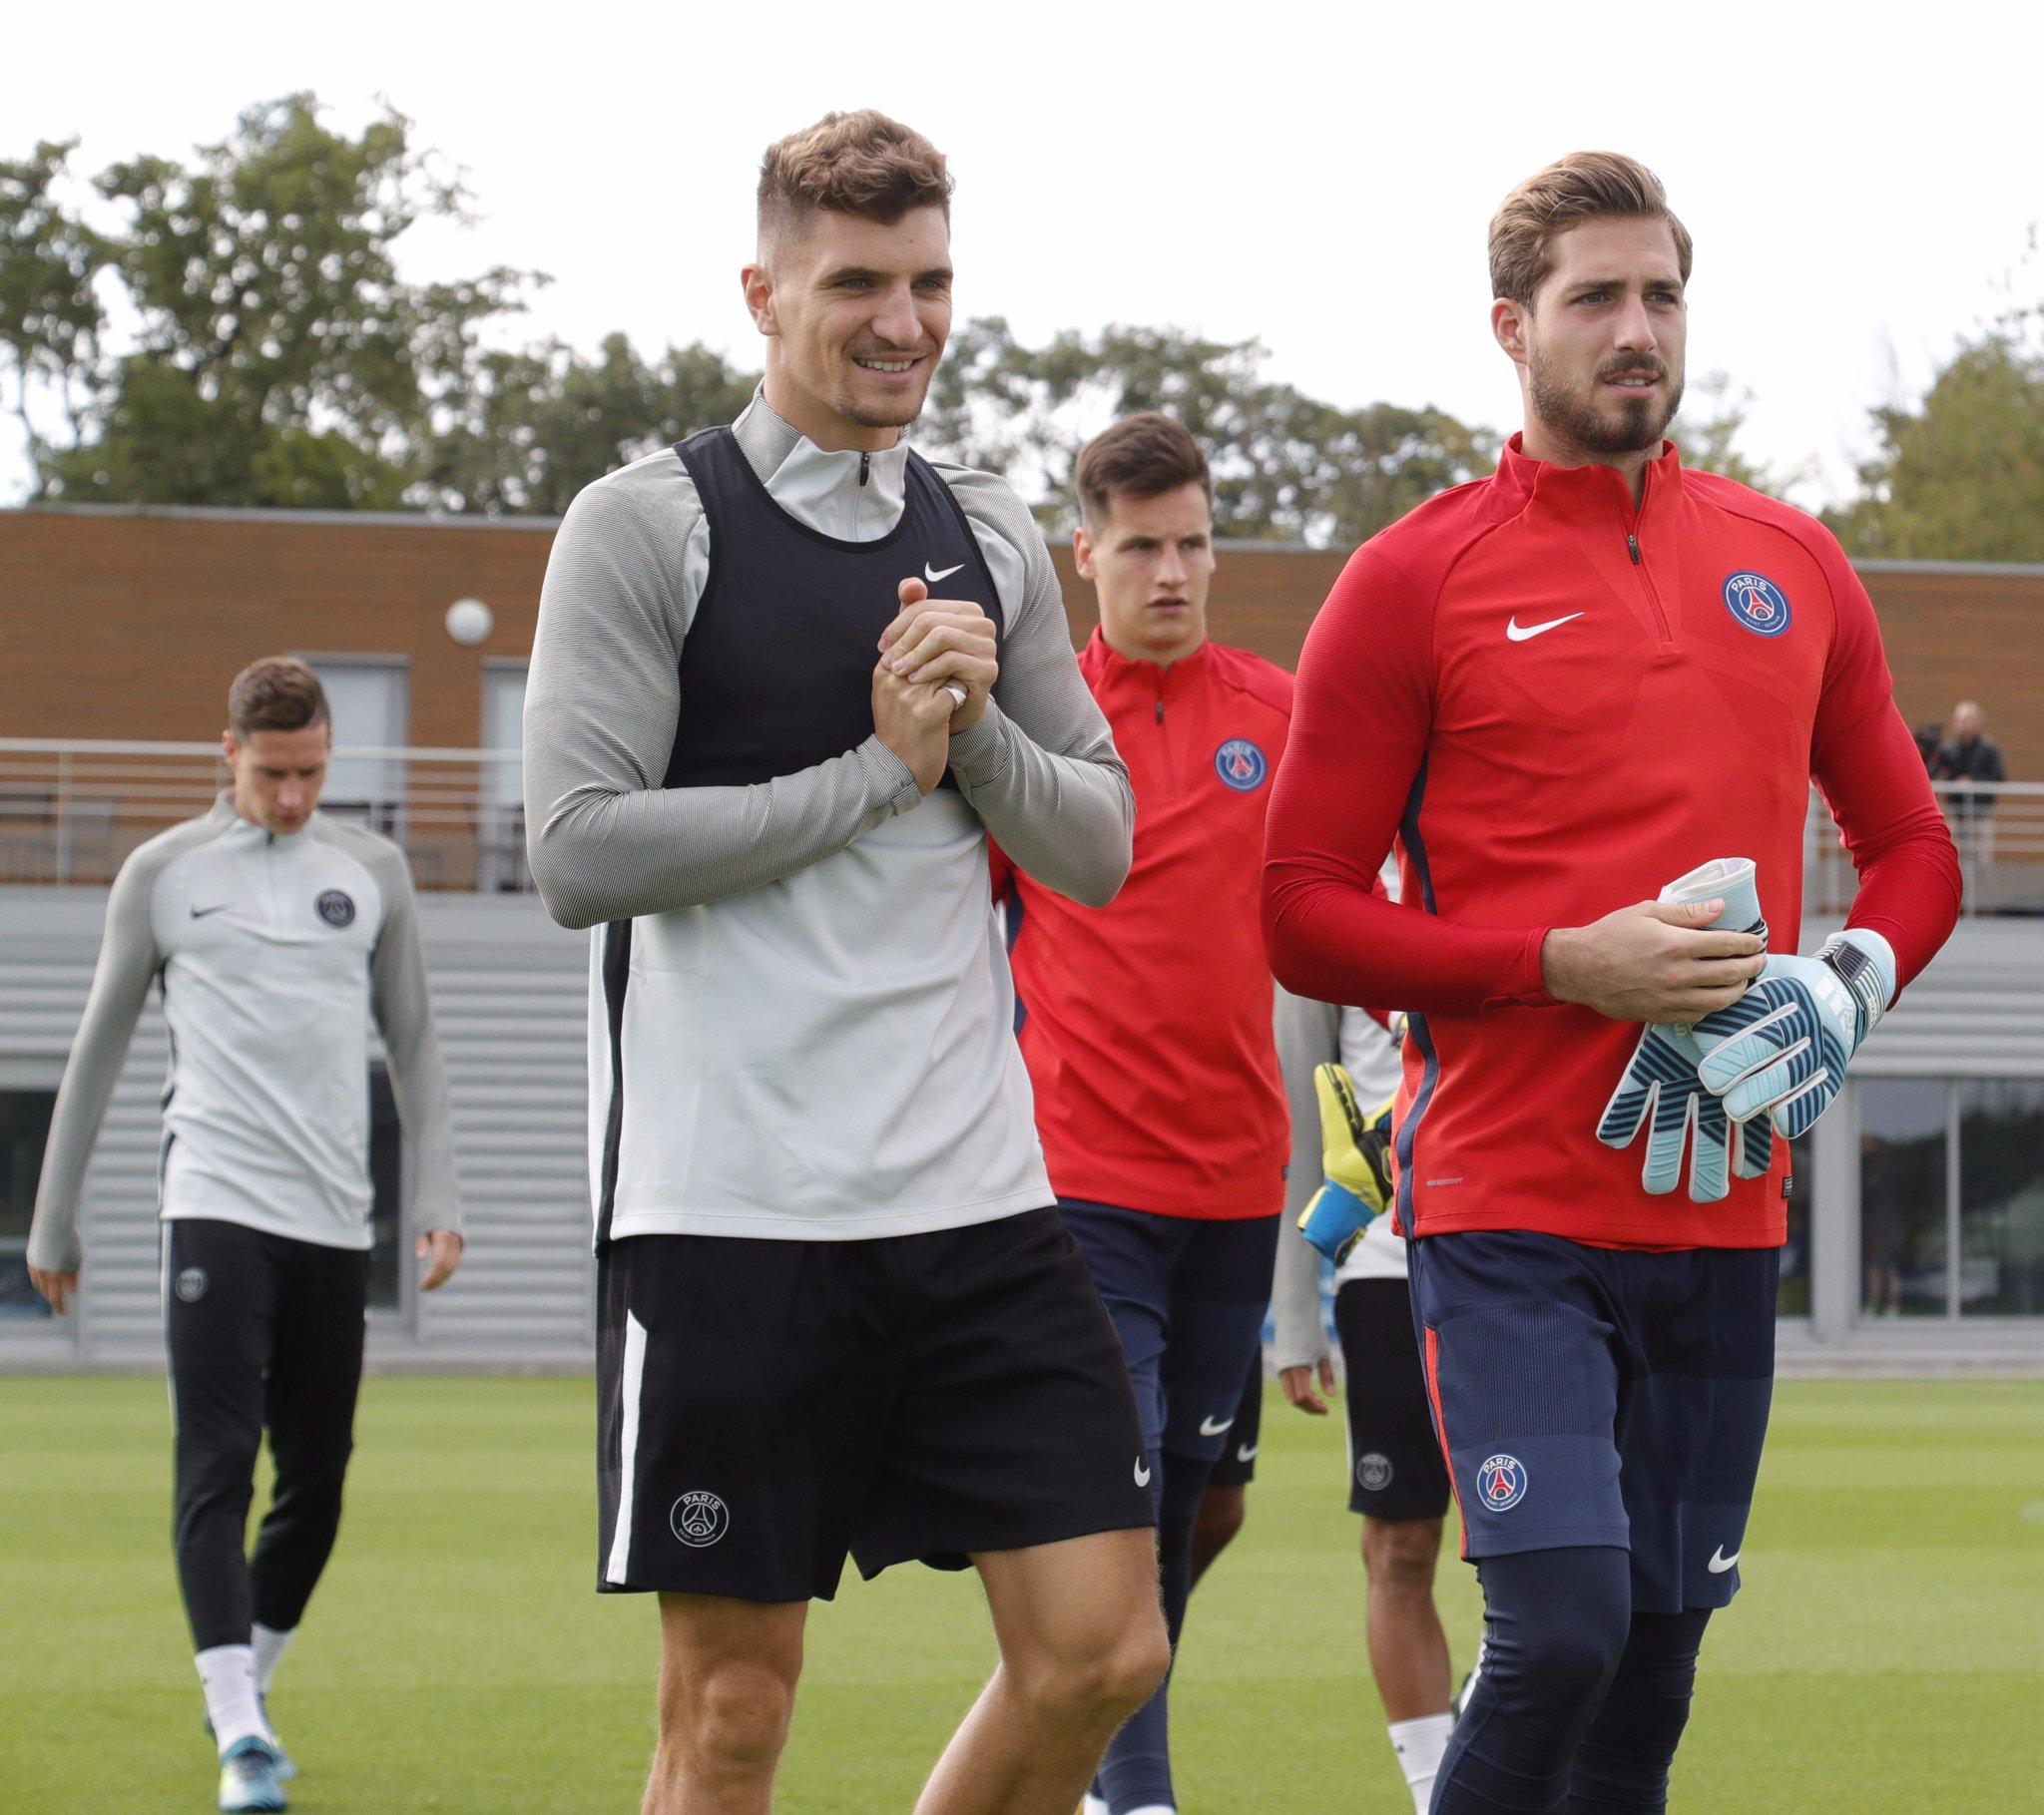 AnderlechtPSG - Les 15 premières minutes de l'entraînement des Parisiens à suivre à 11h !.jpg